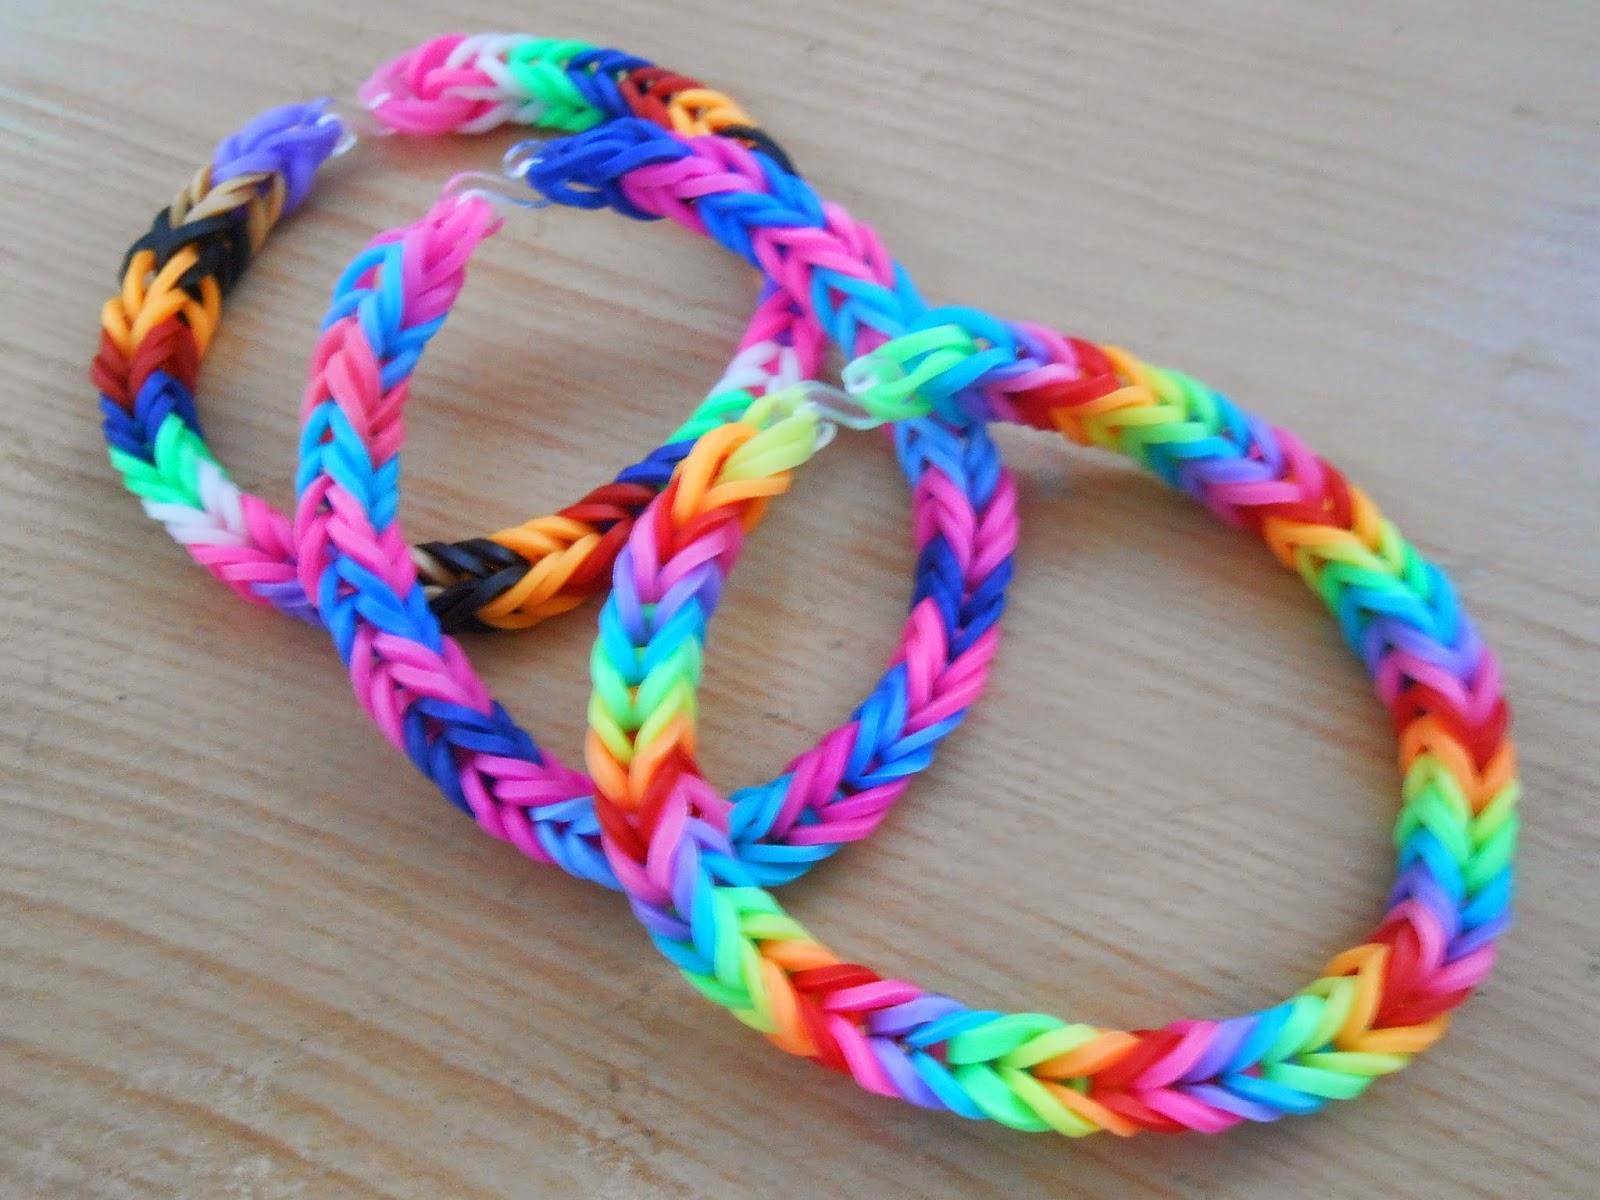 Les loisirs de patouch bracelets en lastiques - Comment faire des bracelets en elastique ...